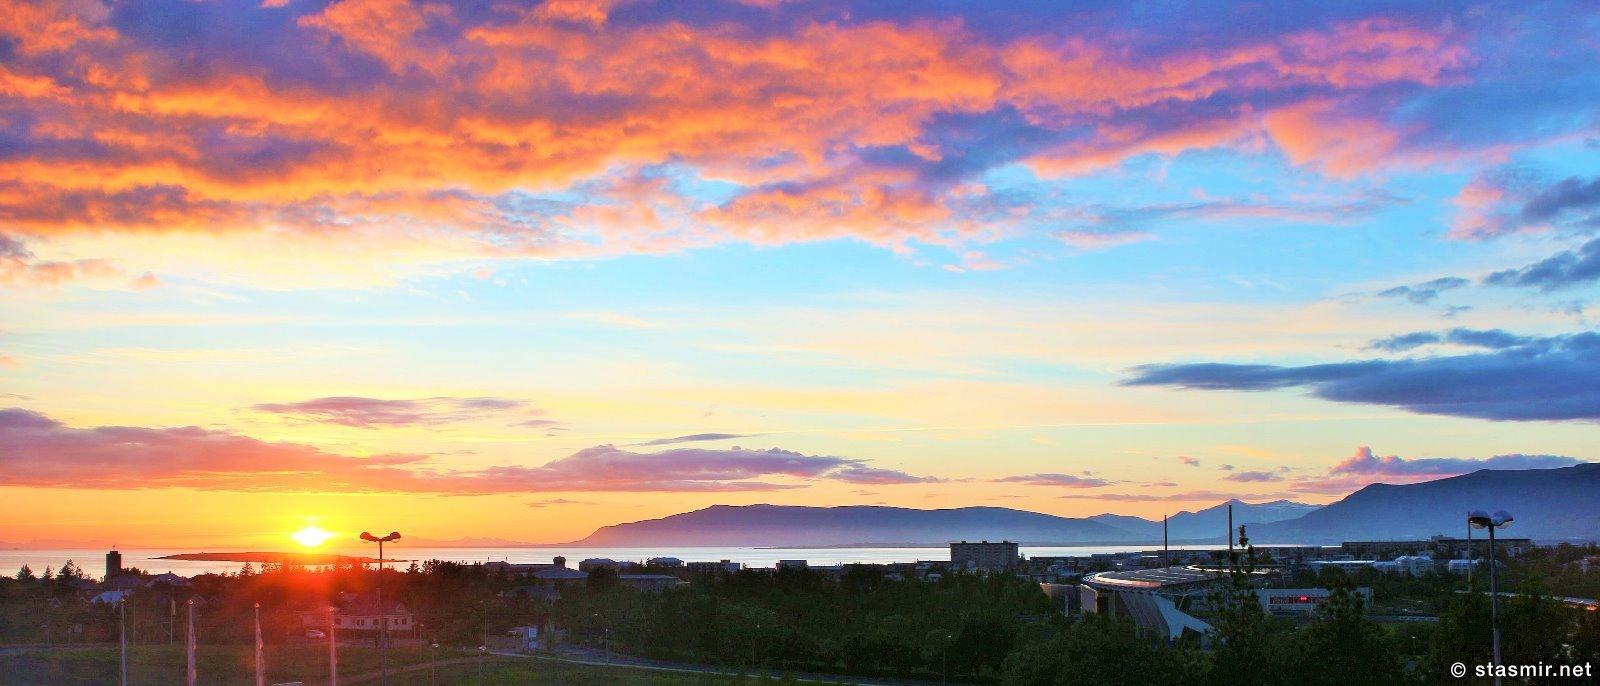 Вид на залив Факсафлоу из окна отеля, белые ночи в Исландии, фото Стасмир, Photo Stasmir